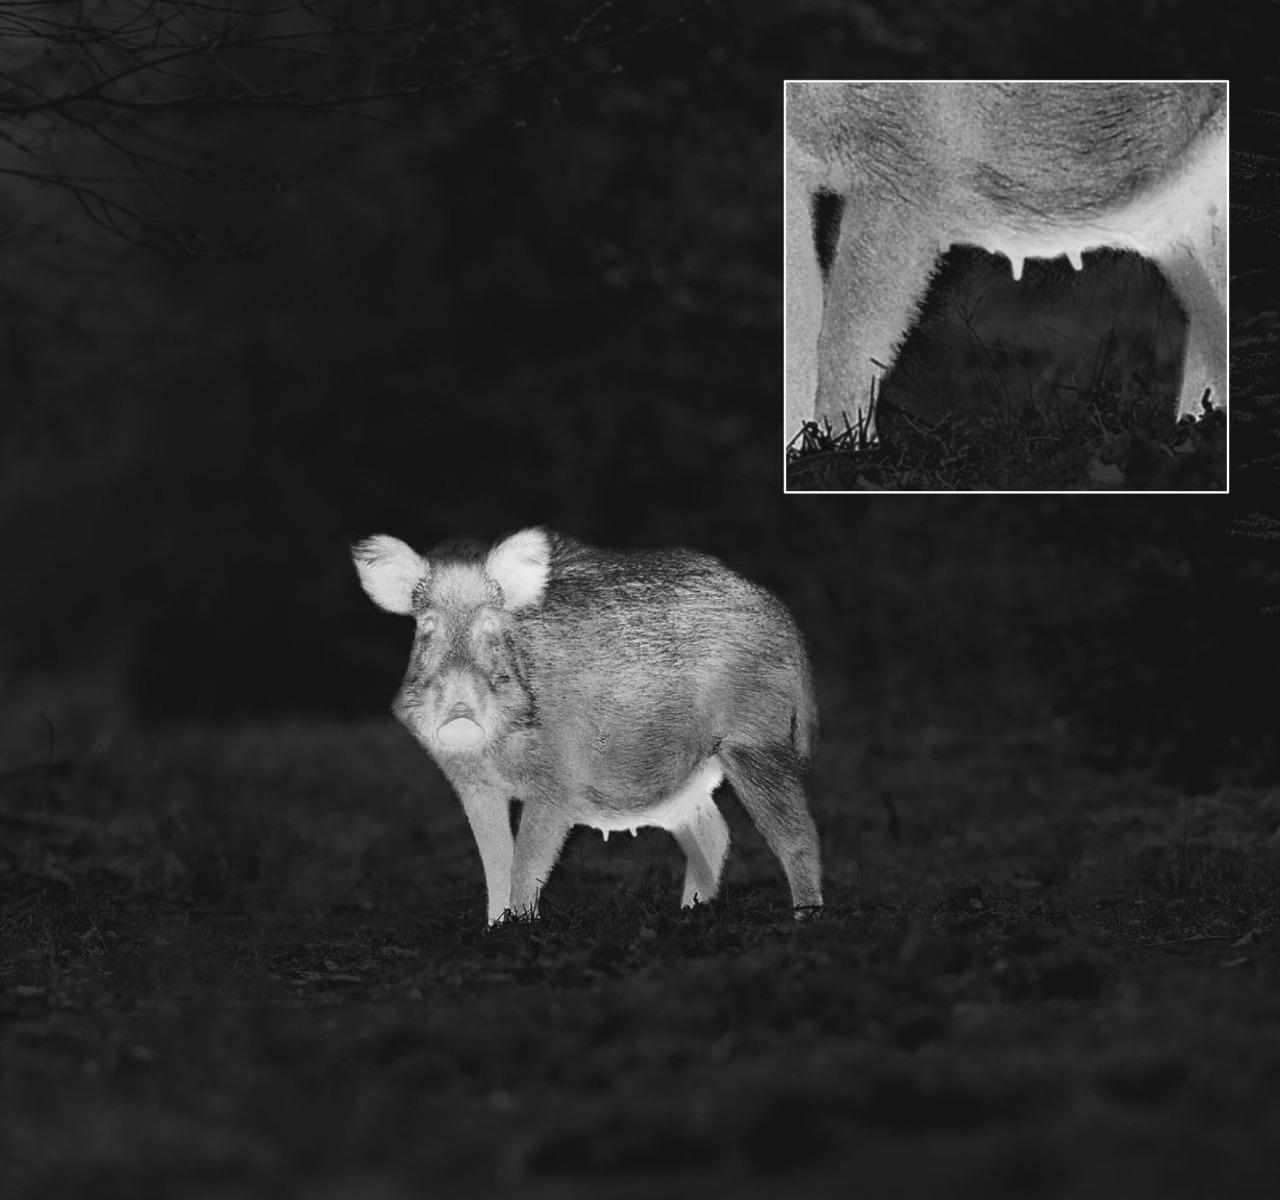 Vision nocturne thermique Zeiss DTI 3/35